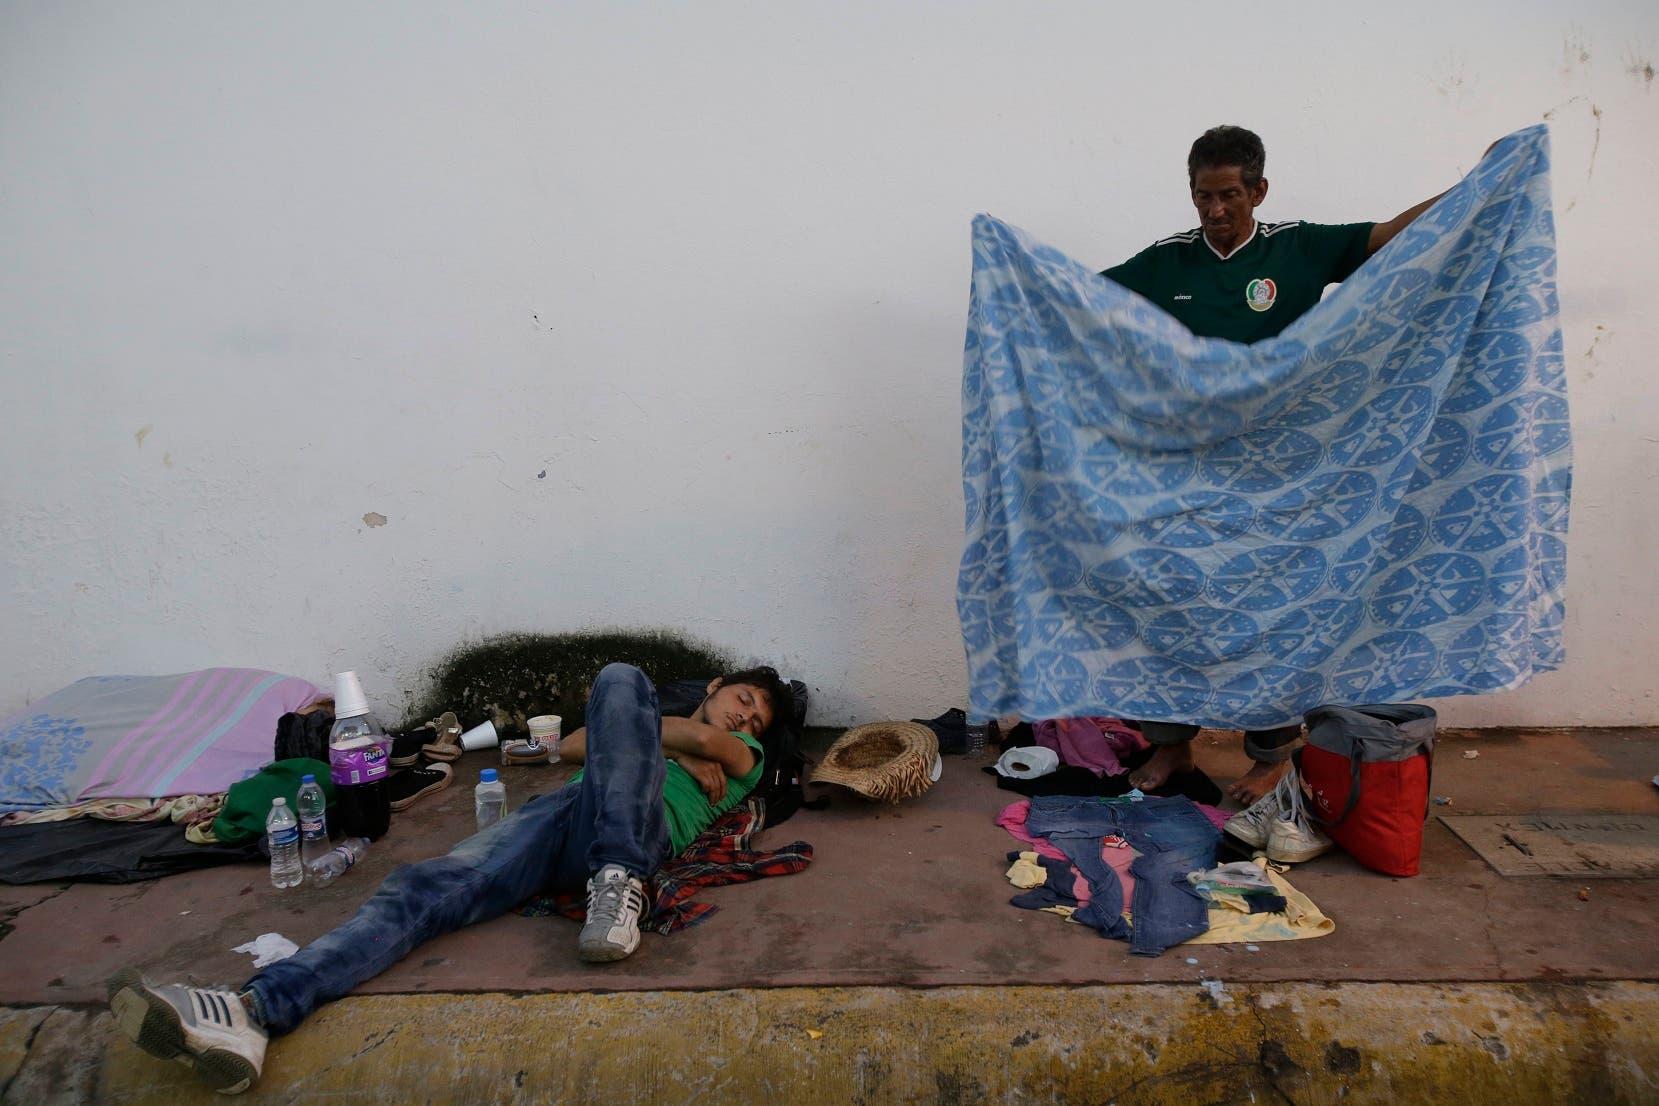 23. os migrantes presentan ya varios problemas de salud, sobre todo deshidratación, dolores musculares e infecciones en la piel.    (AP Photo/Moises Castillo)